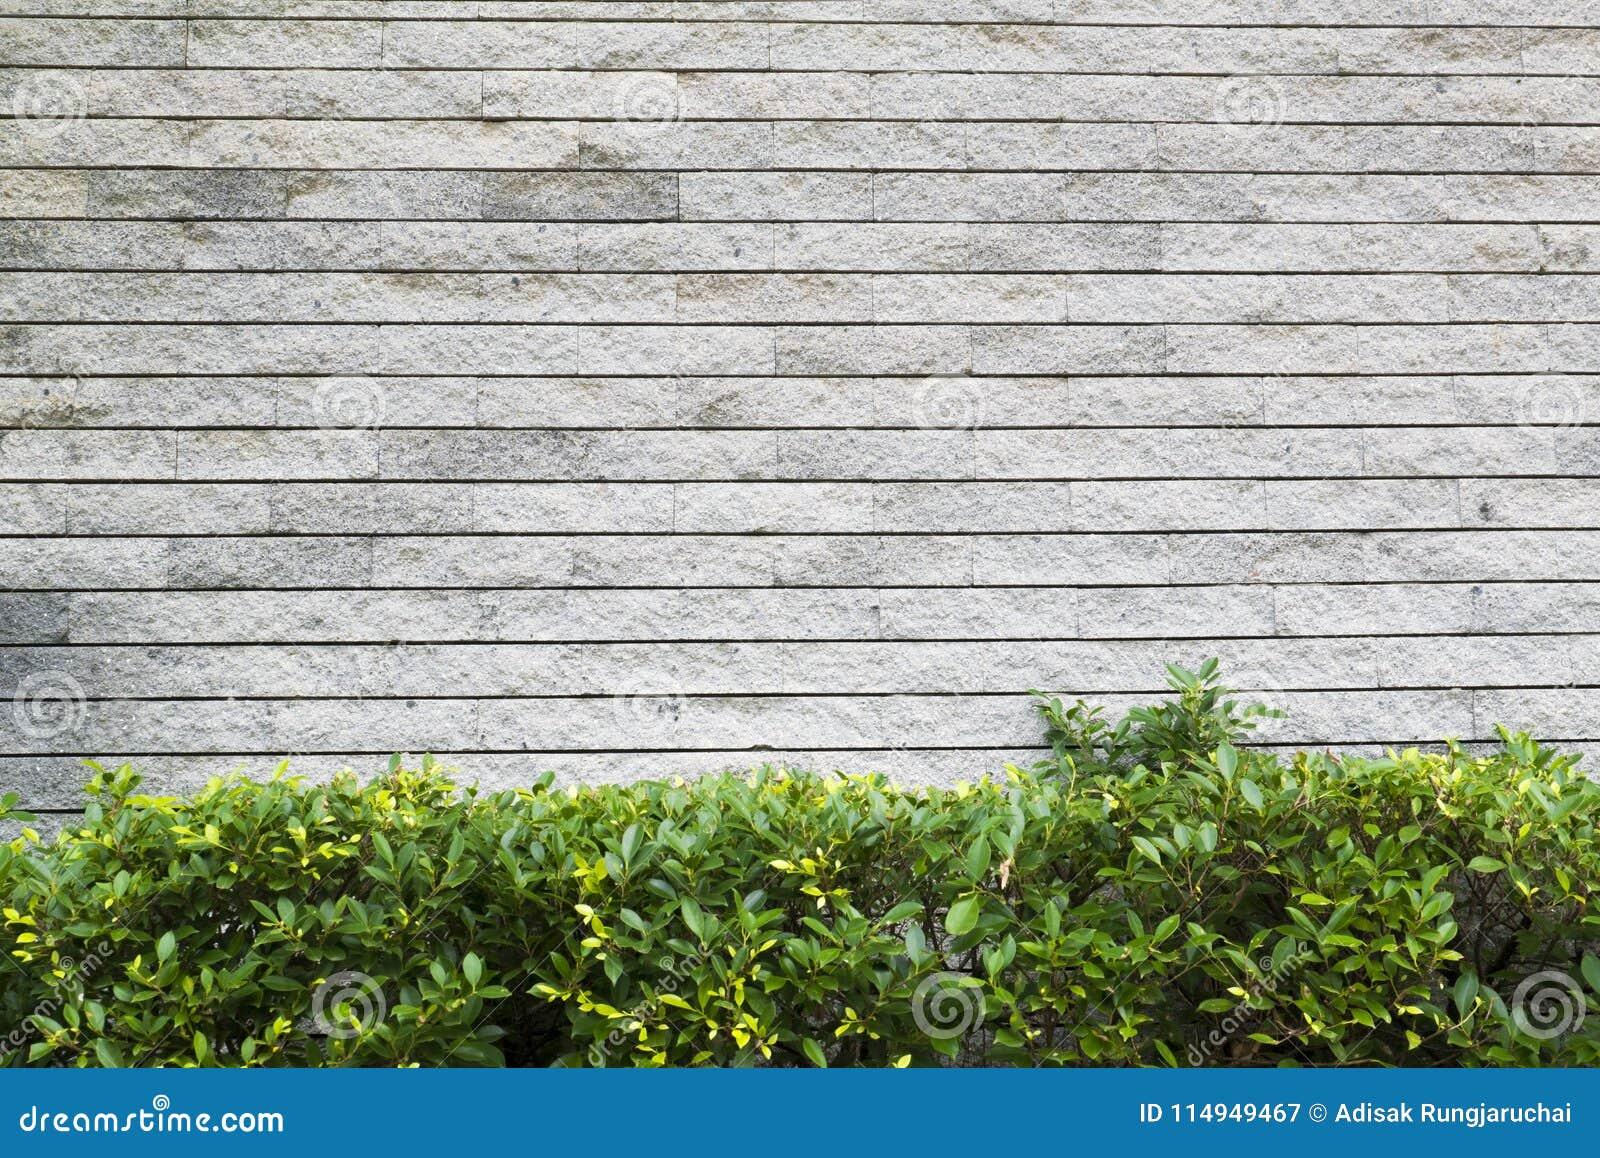 Il giardino verticale verde con il muro di mattoni grigio for Carta da parati muro mattoni